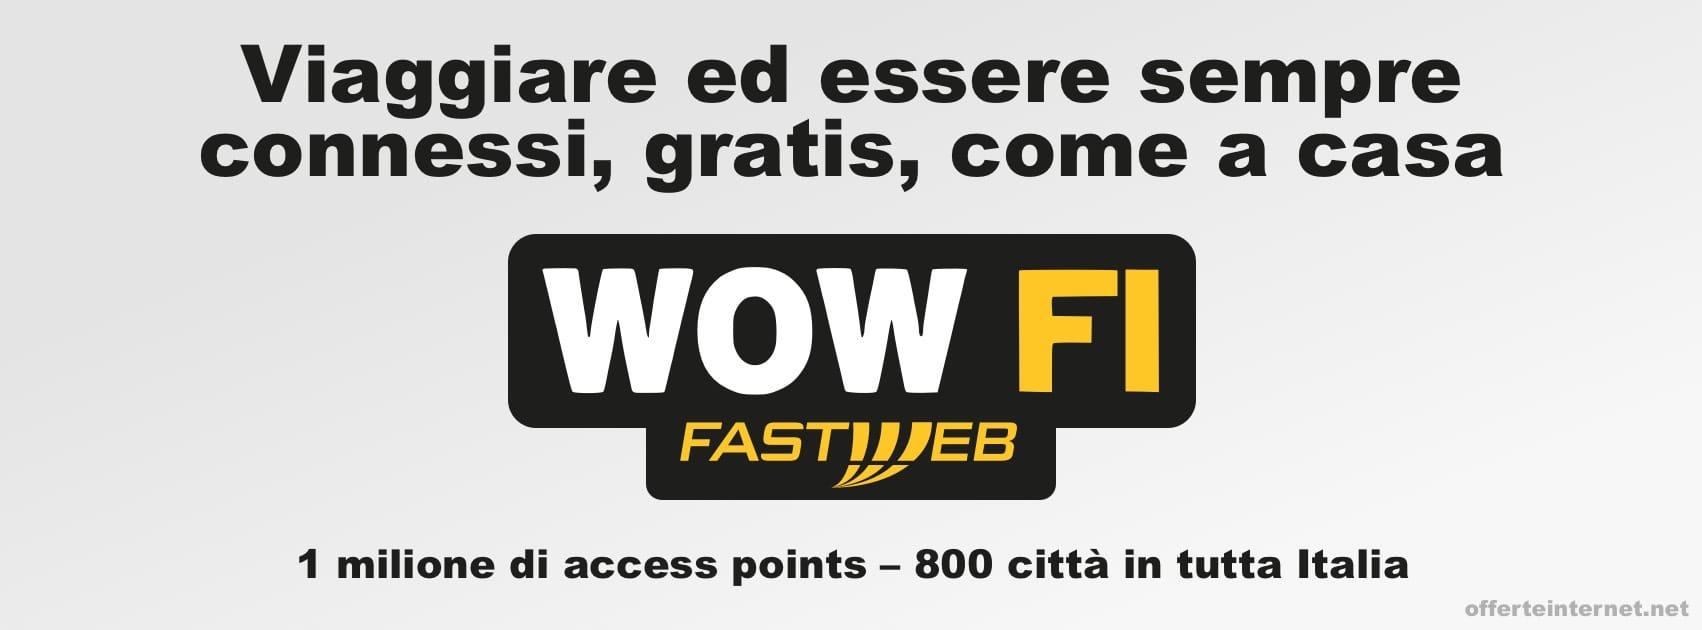 WOW FI: vantaggi offerte Fastweb